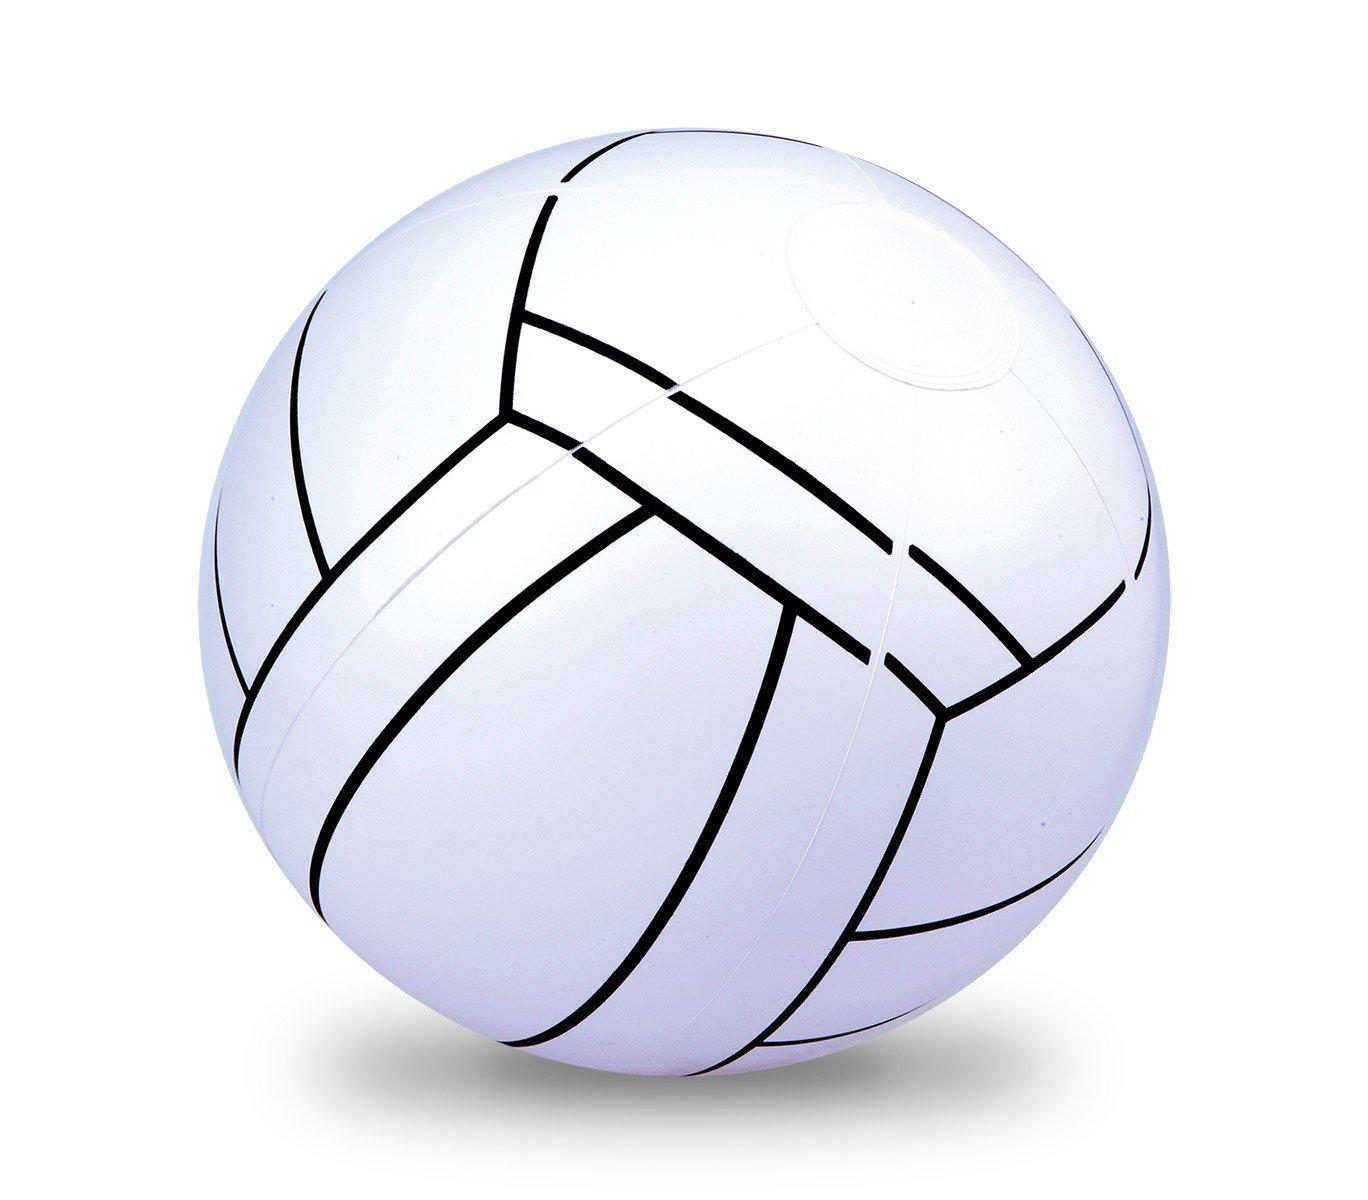 54125 Piscina inflable con red para voleibol niños Bestway ...